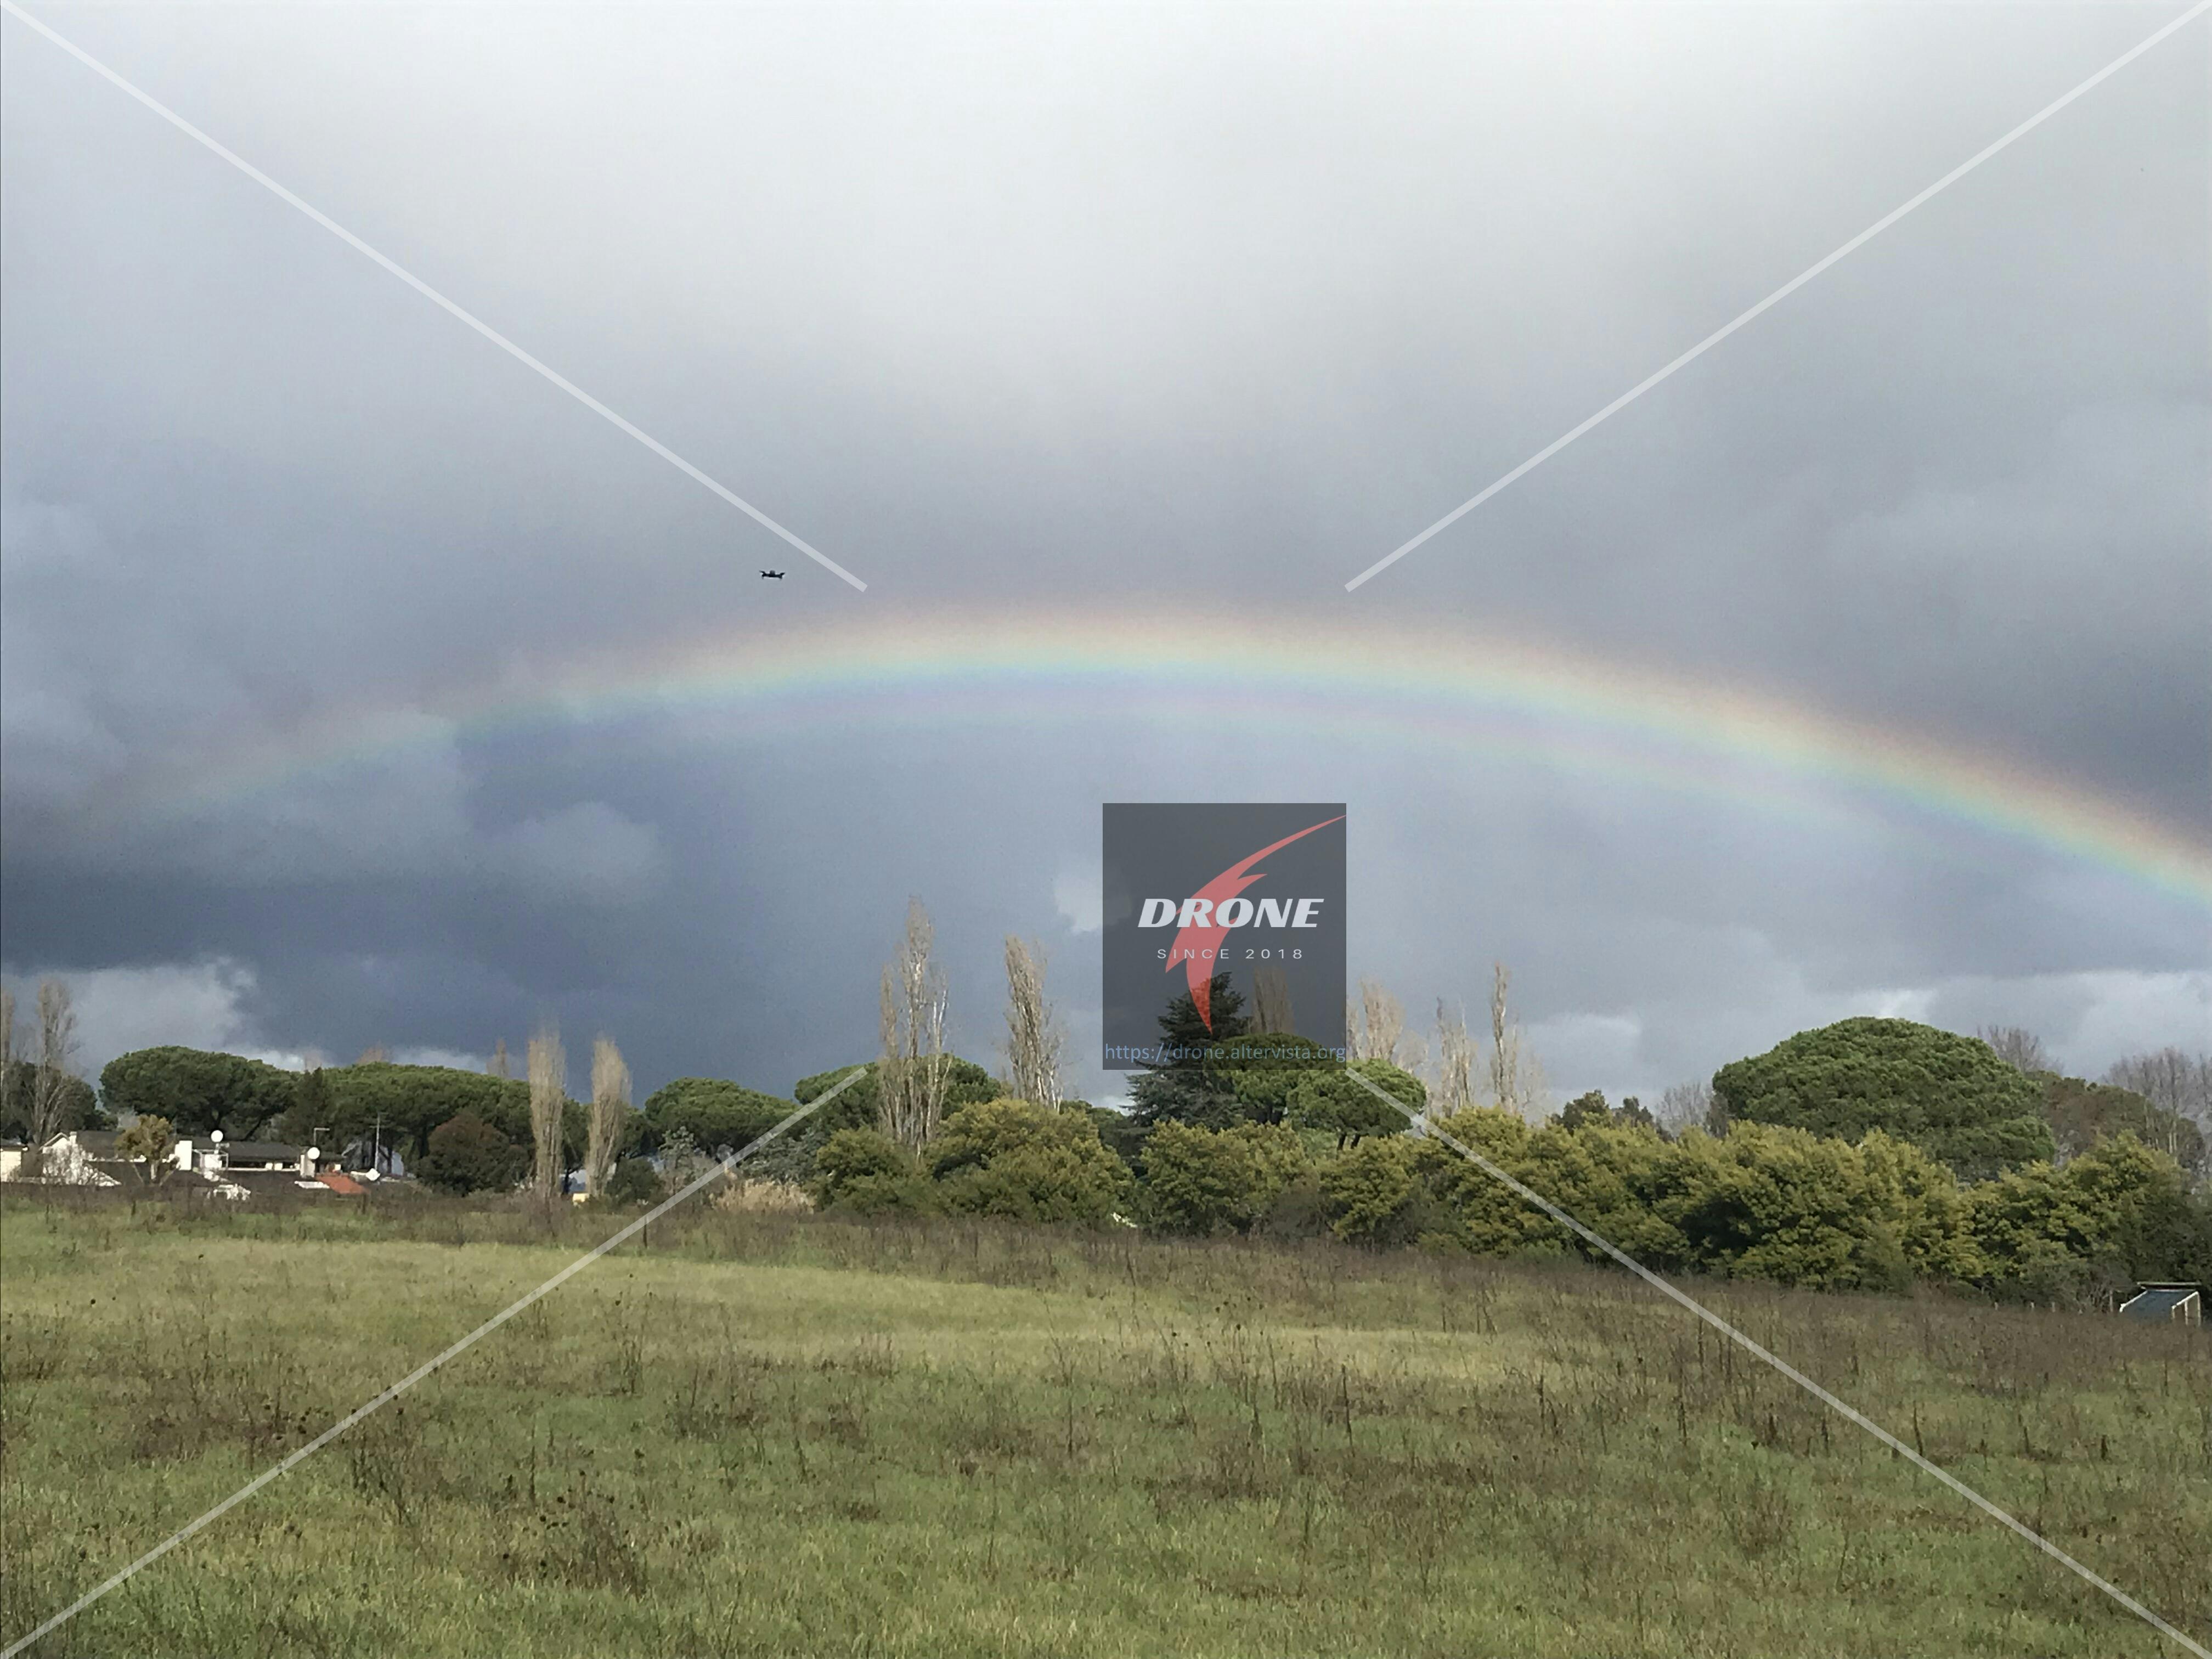 Drone, arcobaleno e tentazioni